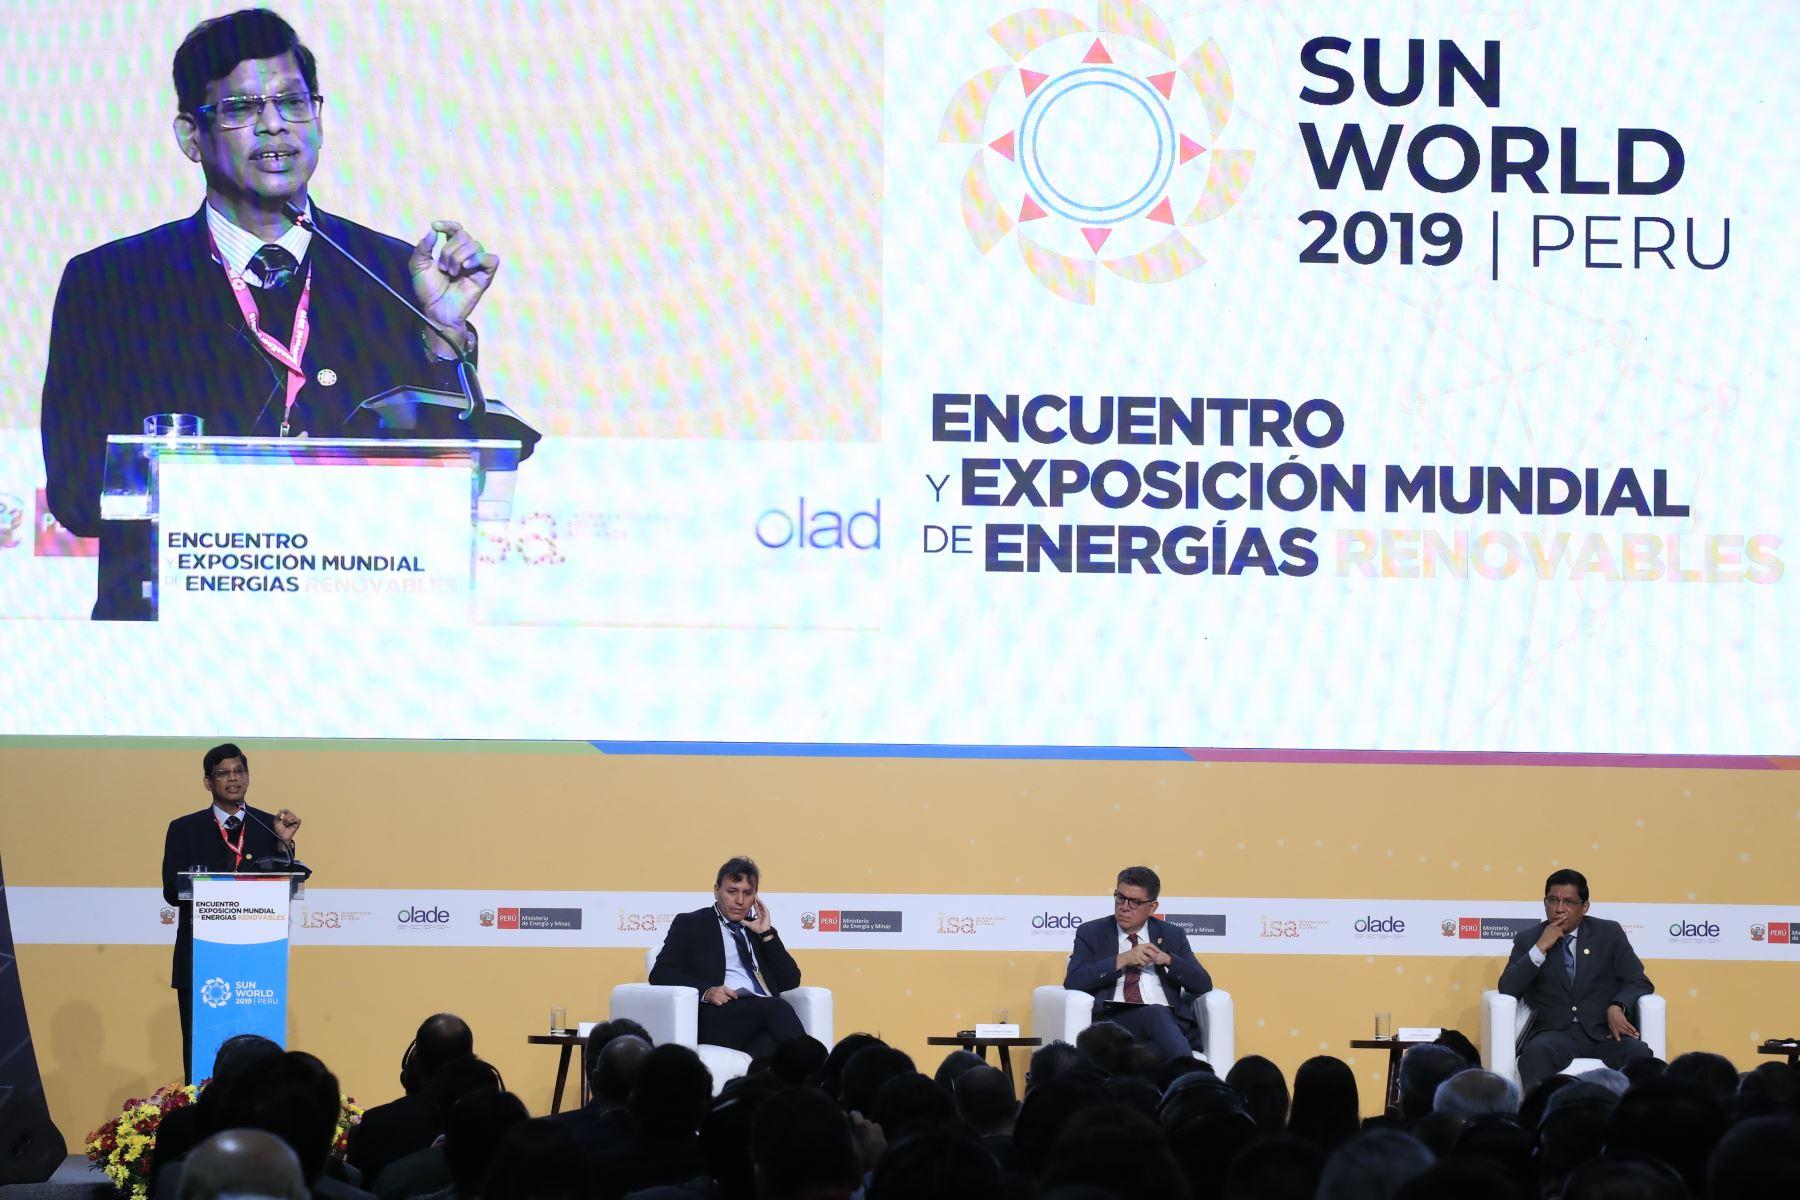 Exposición del Director General de ISA, Upendra Tripathy durante el Encuentro y Exposición Mundial de Energías Renovables Sun World 2019 en el Centro de Convenciones de Lima.        Foto: Andina/Juan Carlos Guzmán Negrini